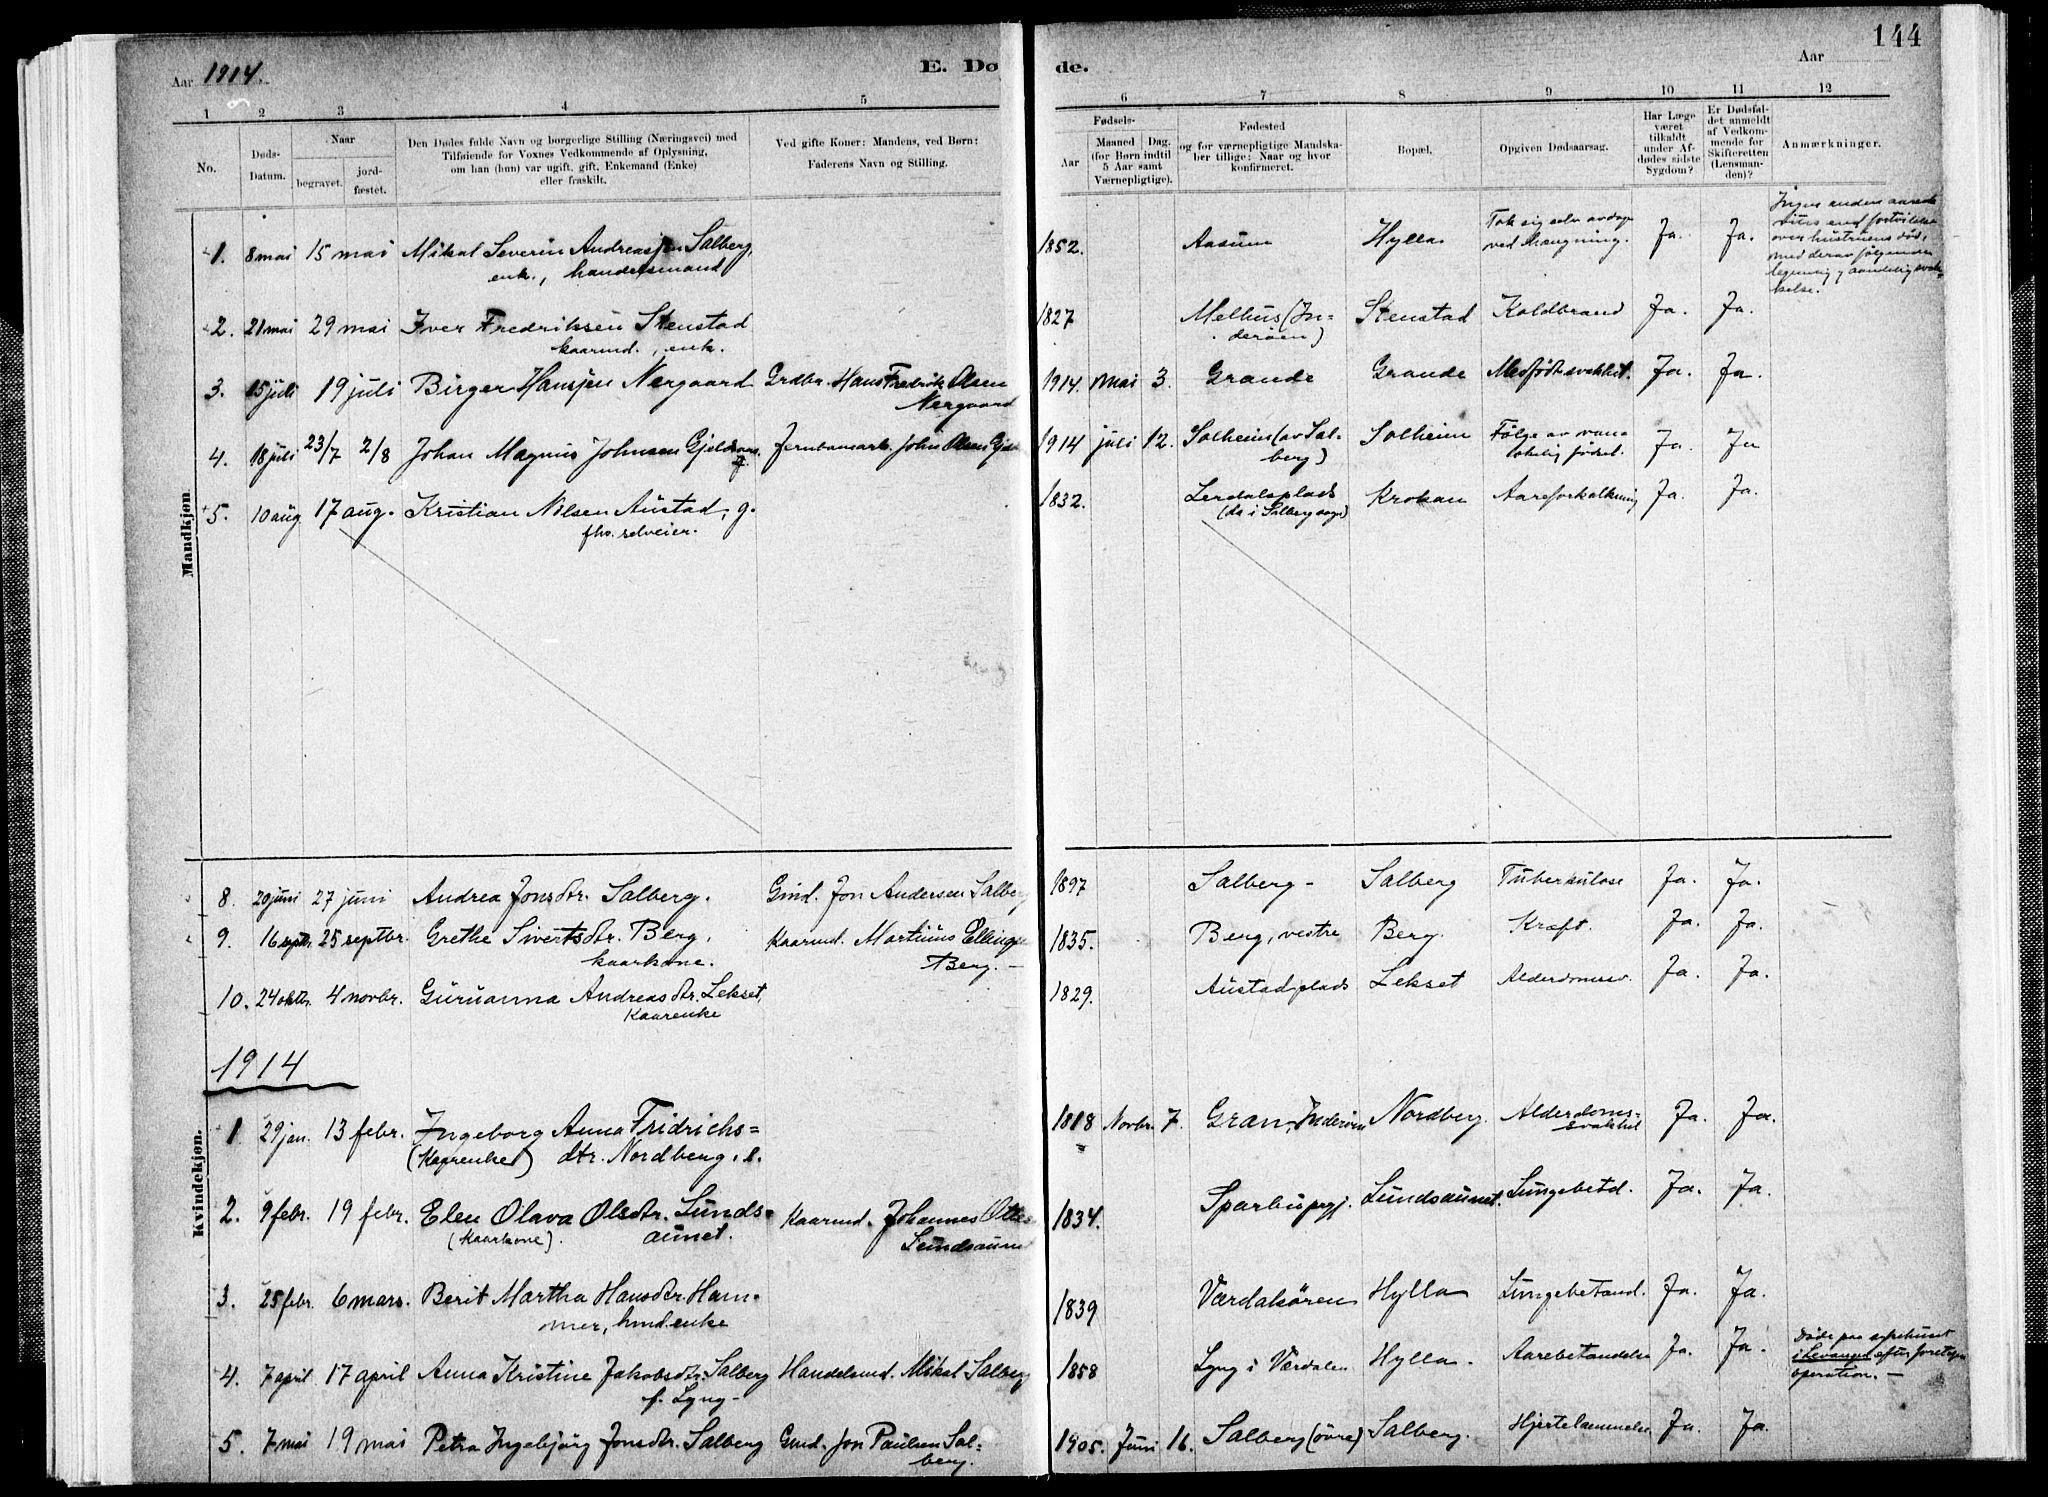 SAT, Ministerialprotokoller, klokkerbøker og fødselsregistre - Nord-Trøndelag, 731/L0309: Ministerialbok nr. 731A01, 1879-1918, s. 144